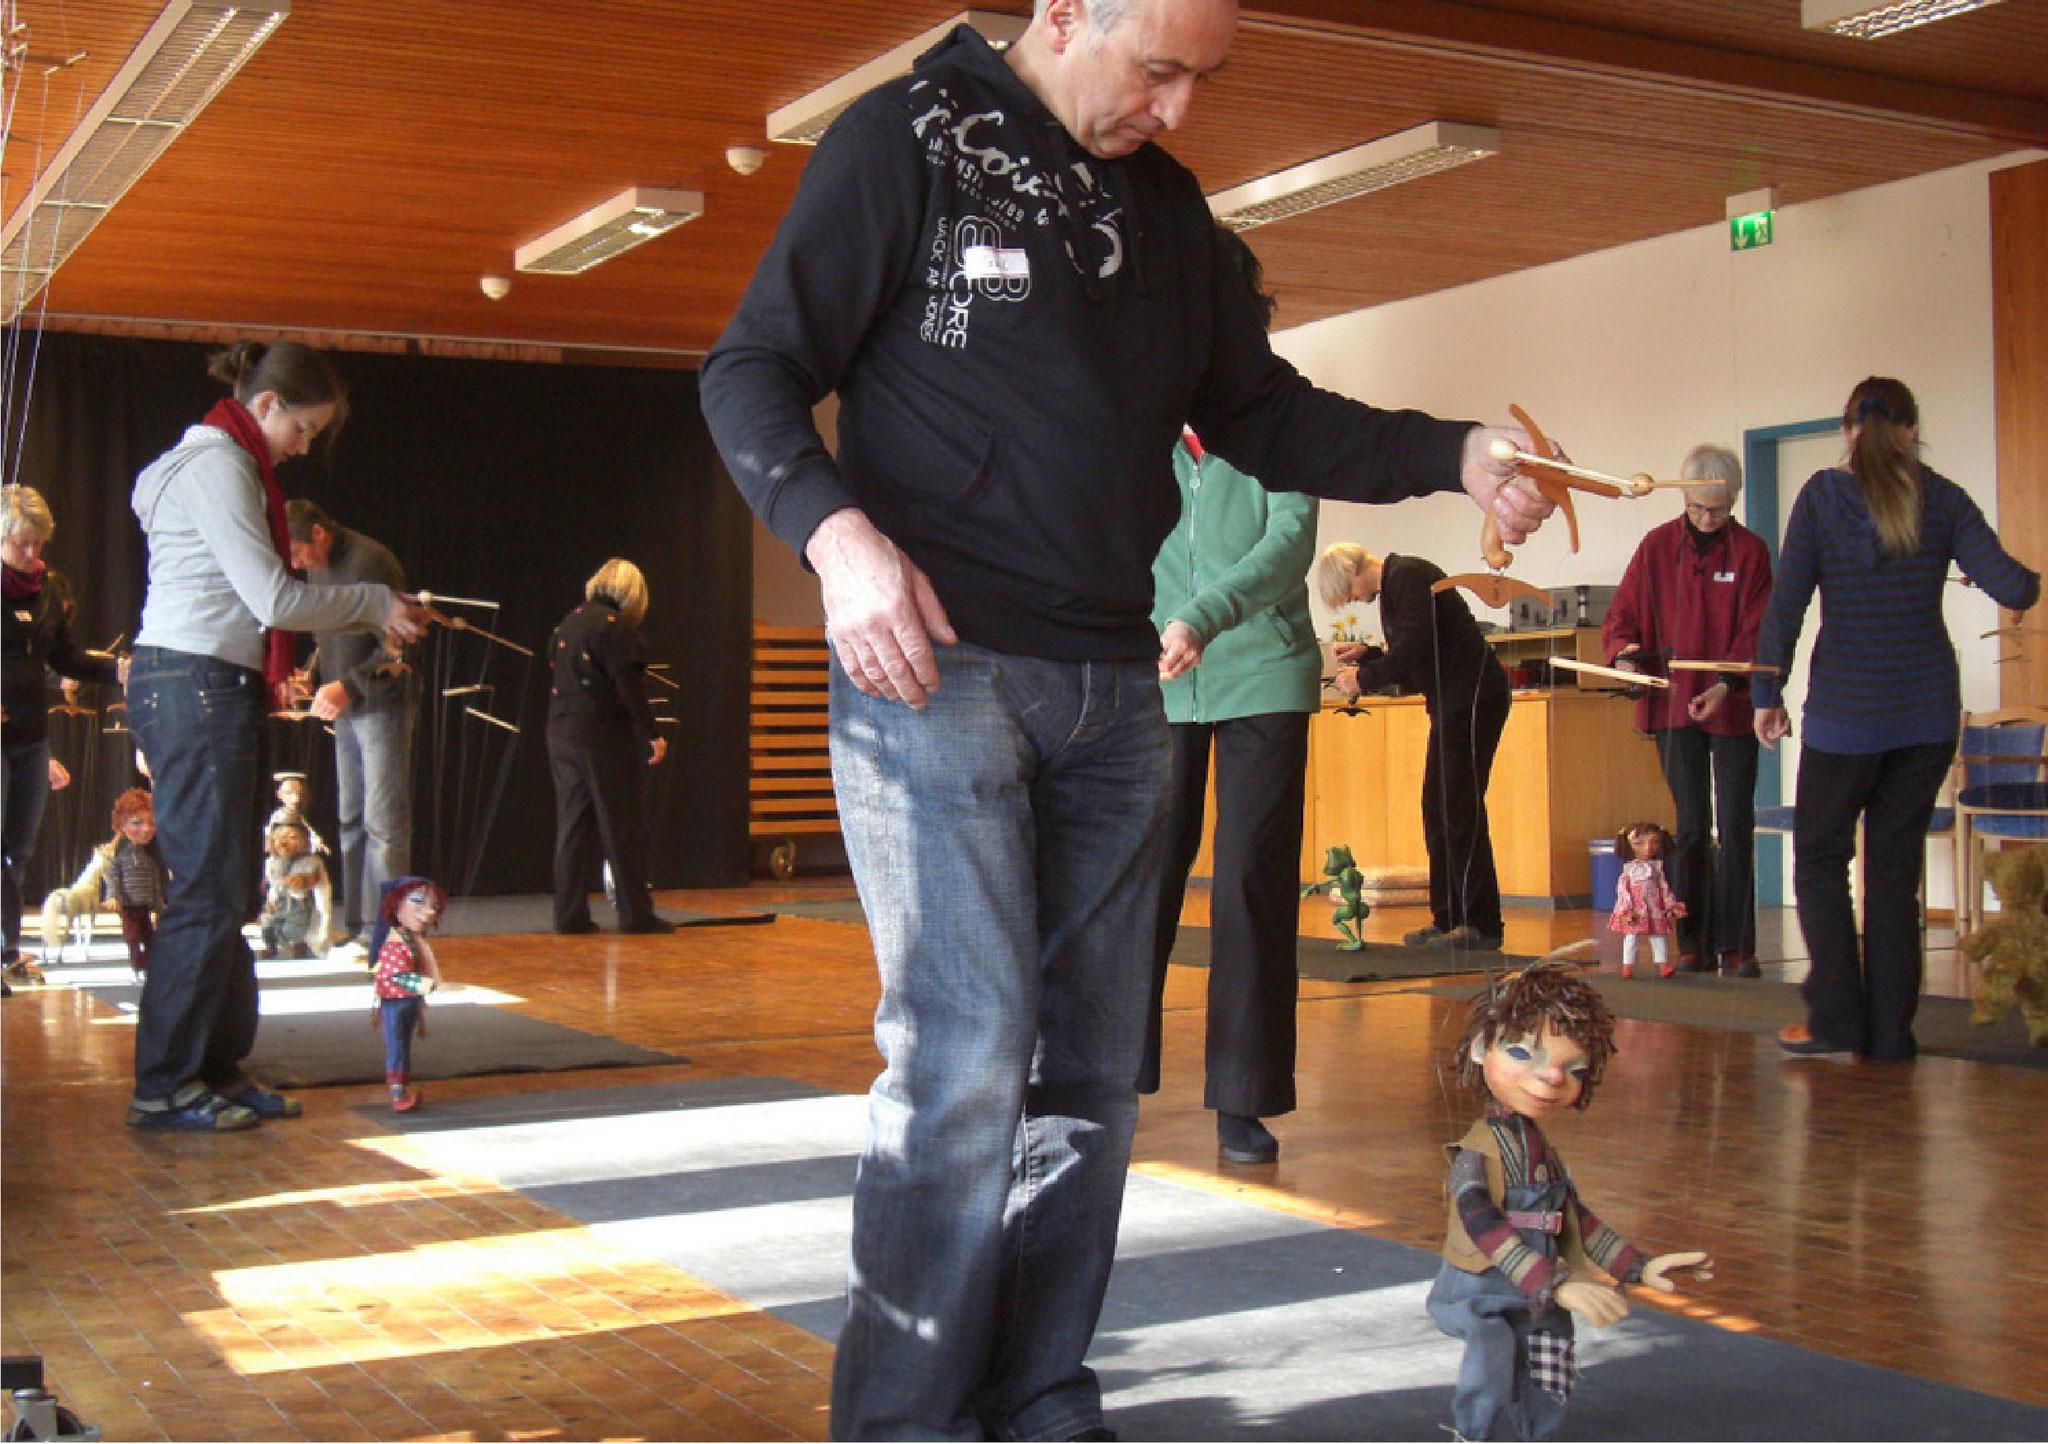 Die Marionette spiegelt den Spieler und umgekehrt findet sich der Spielende in der Marionette wieder.